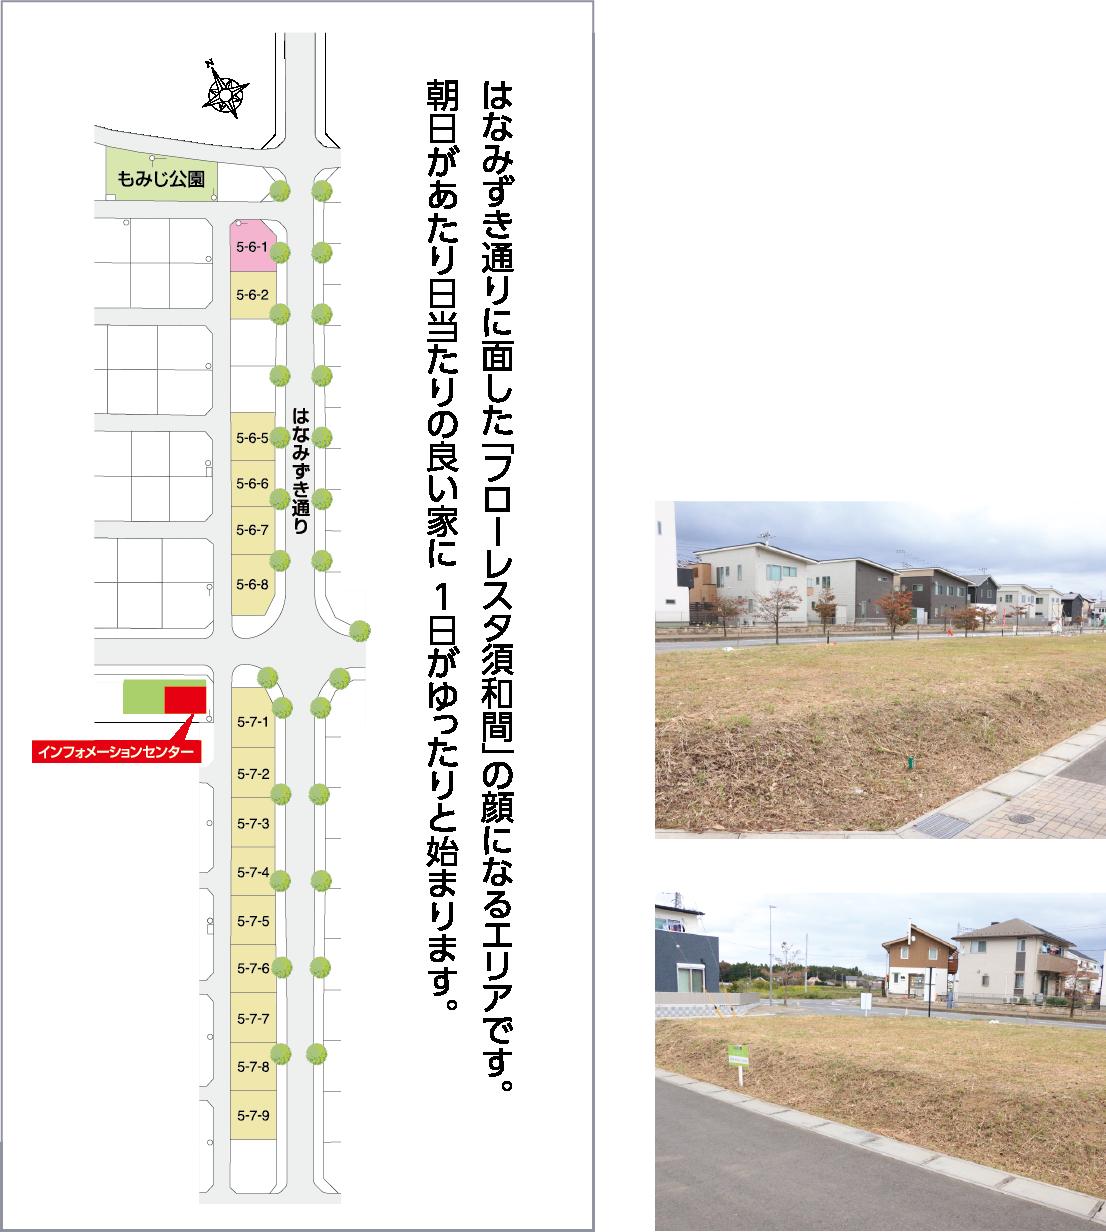 「悠久の森街区」区画情報公開中